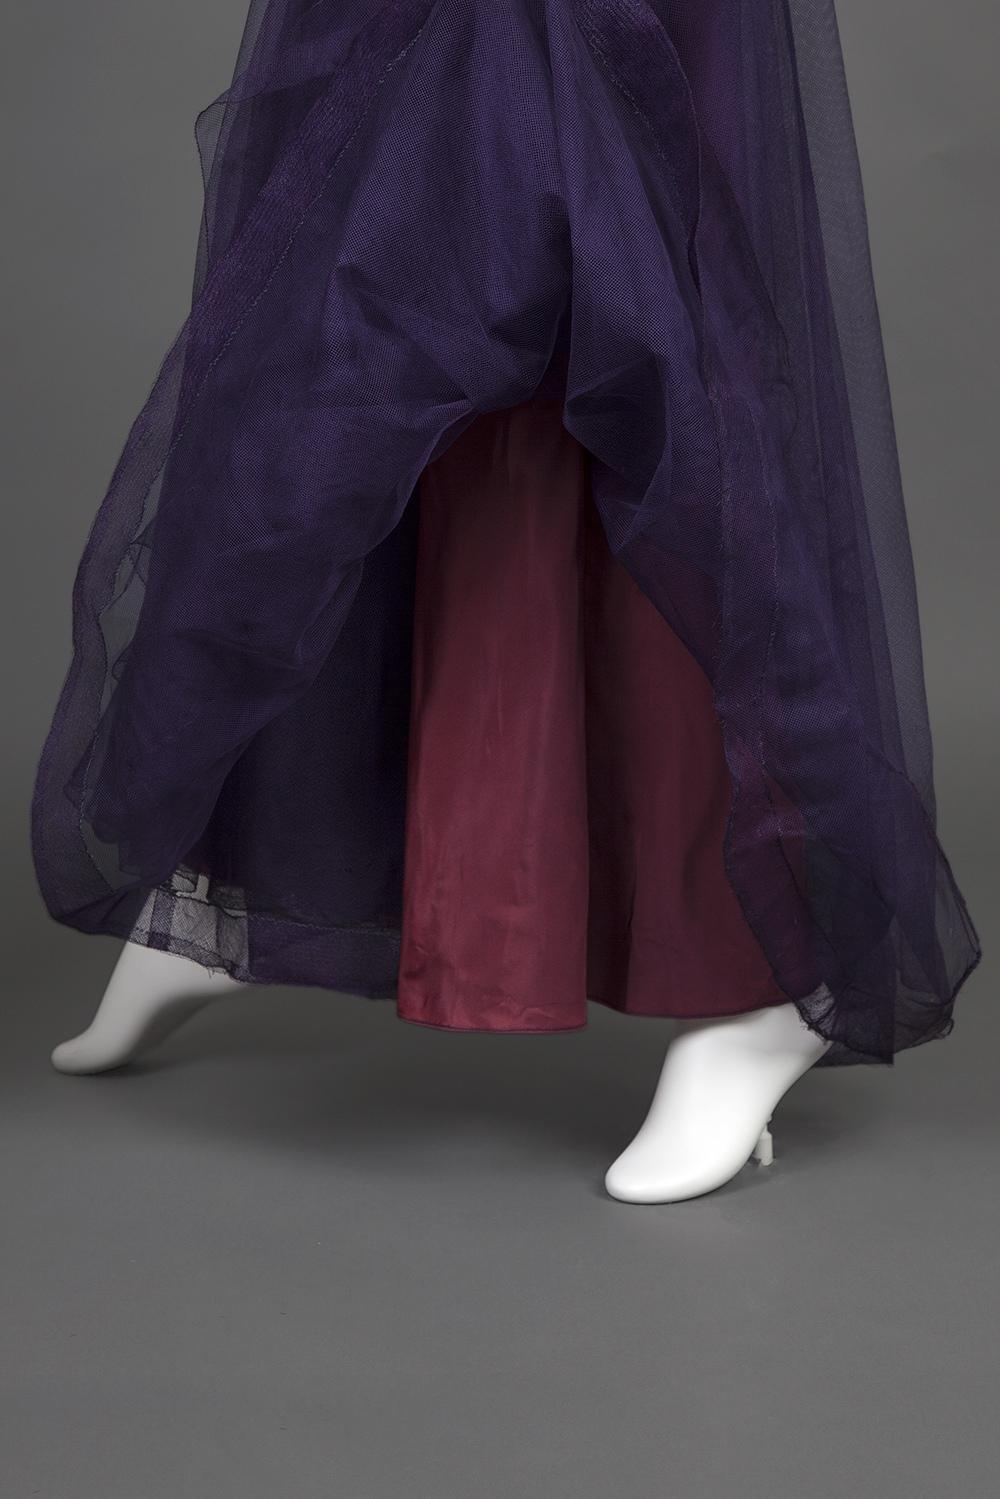 Шёлковое вечернее платье, украшенное вышивкой пайетками, 1938 год.